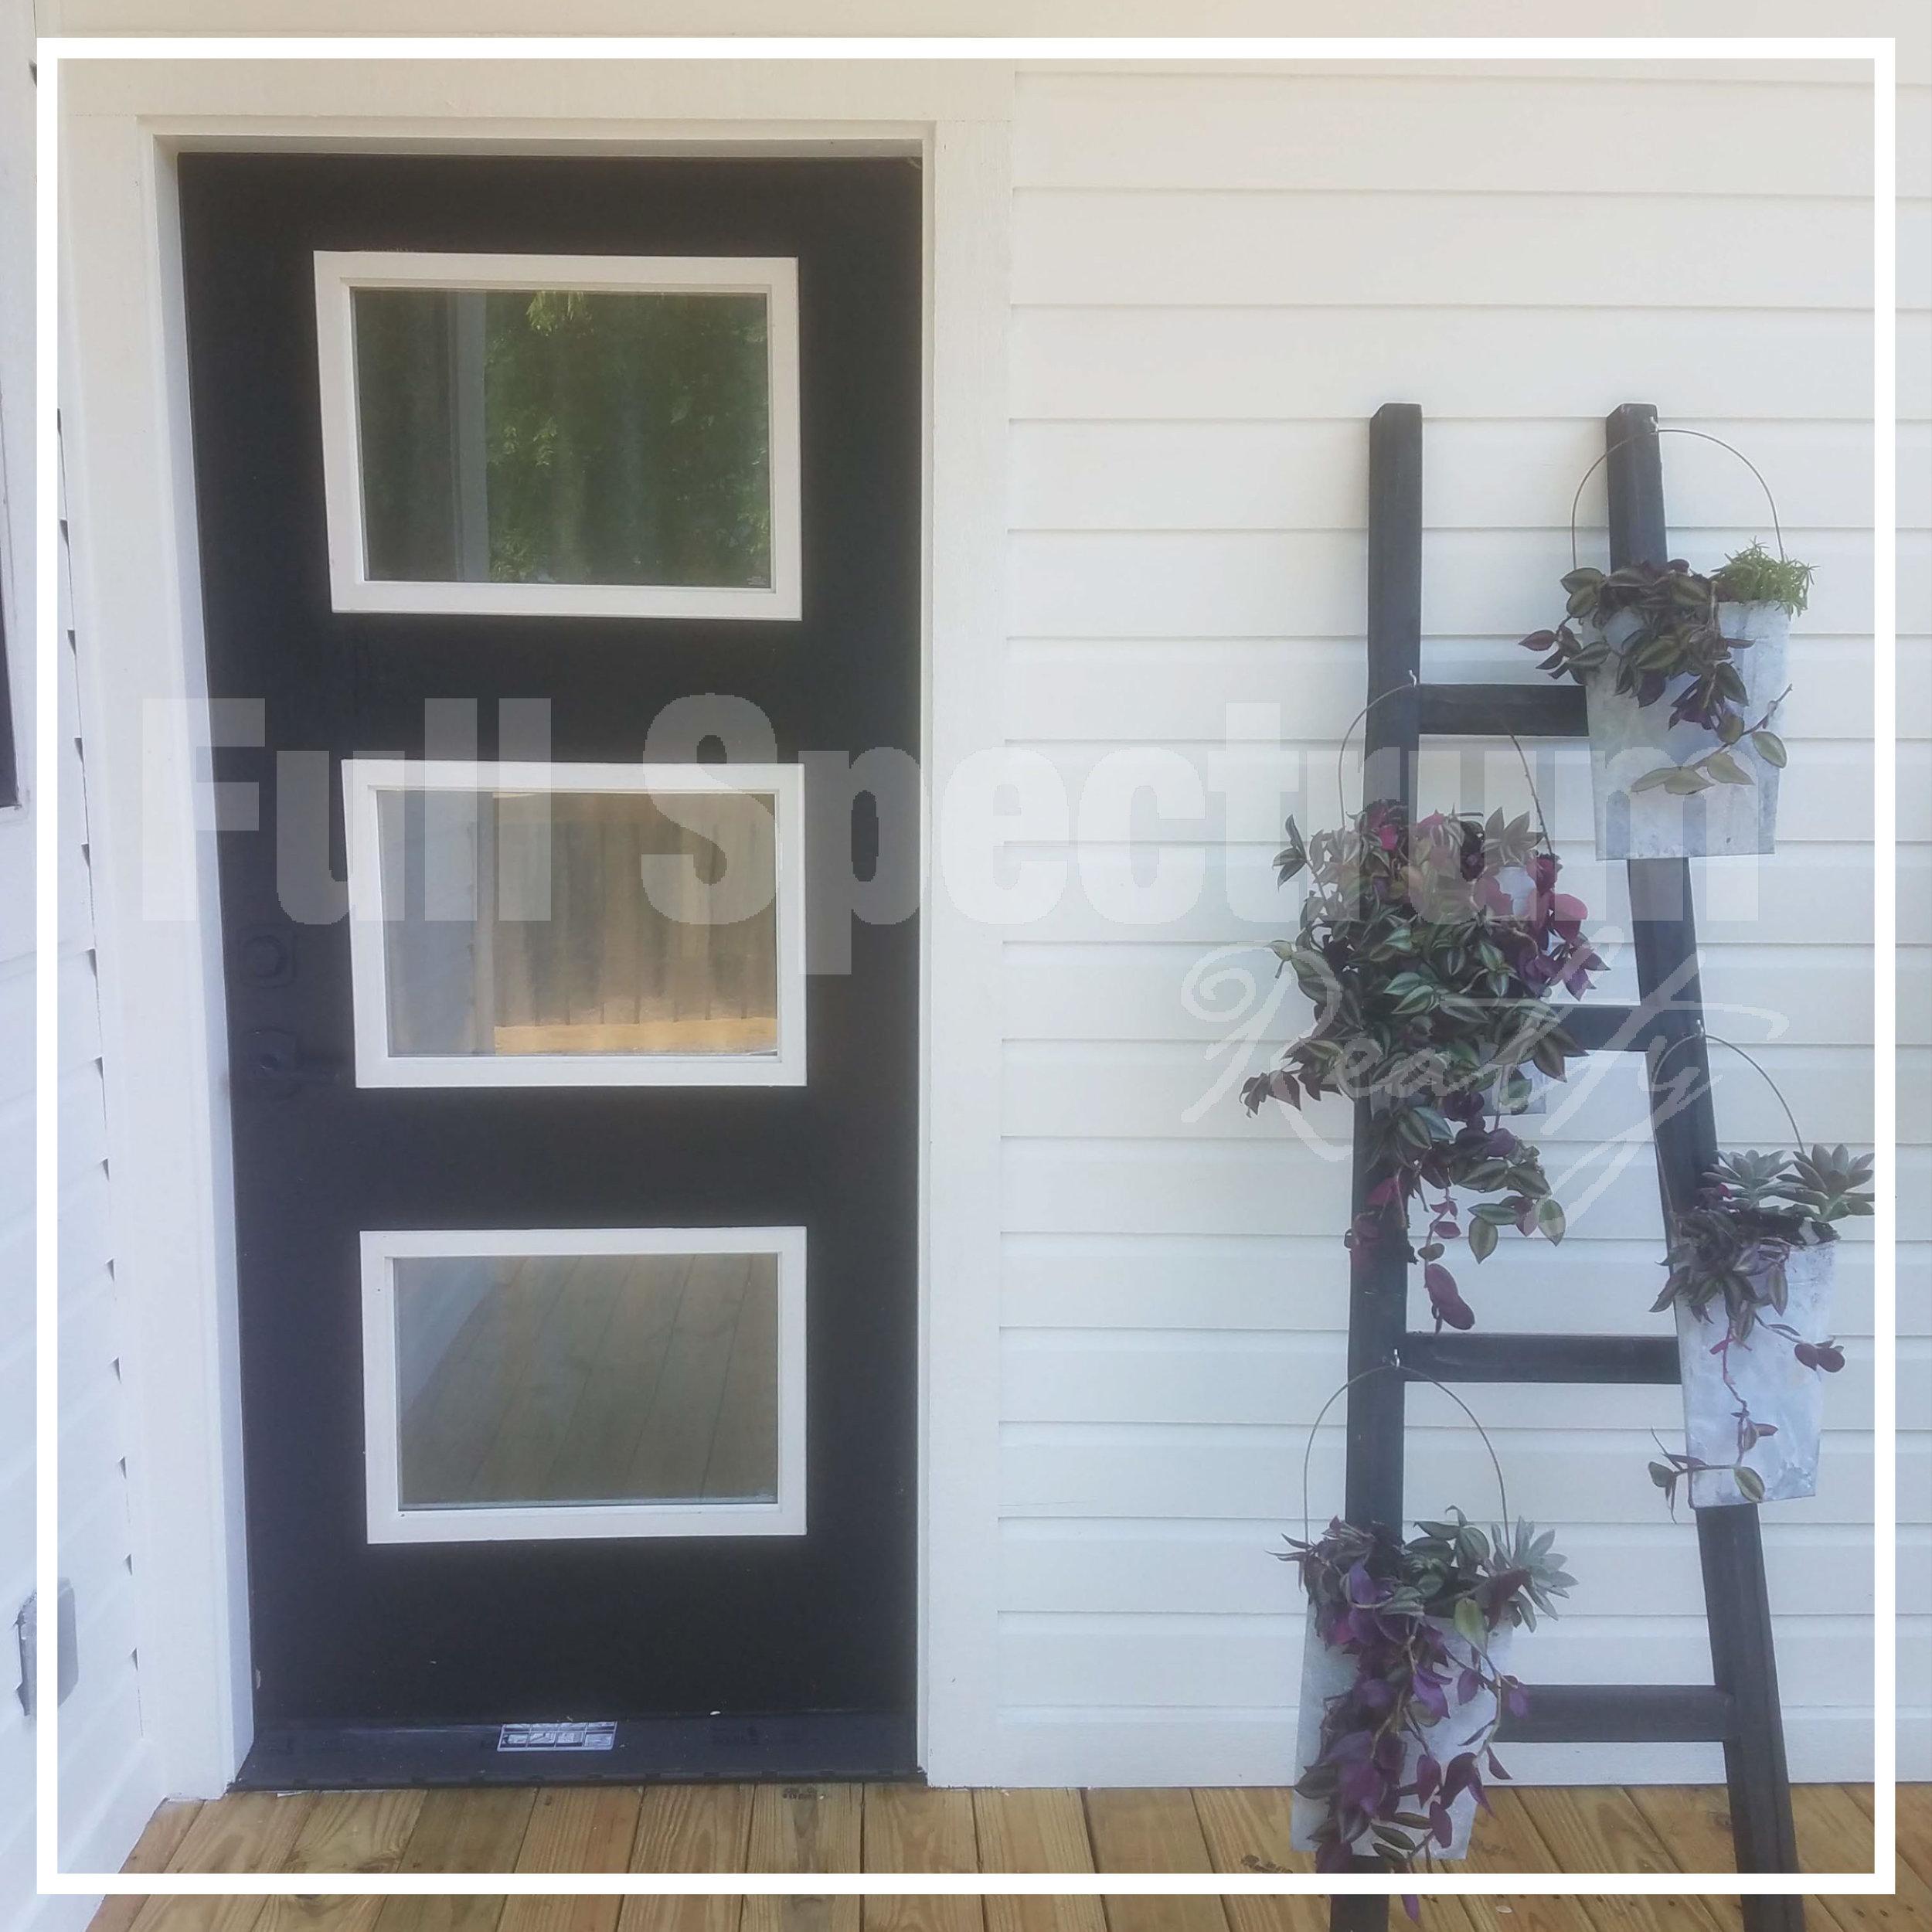 exterior backyard door.jpg